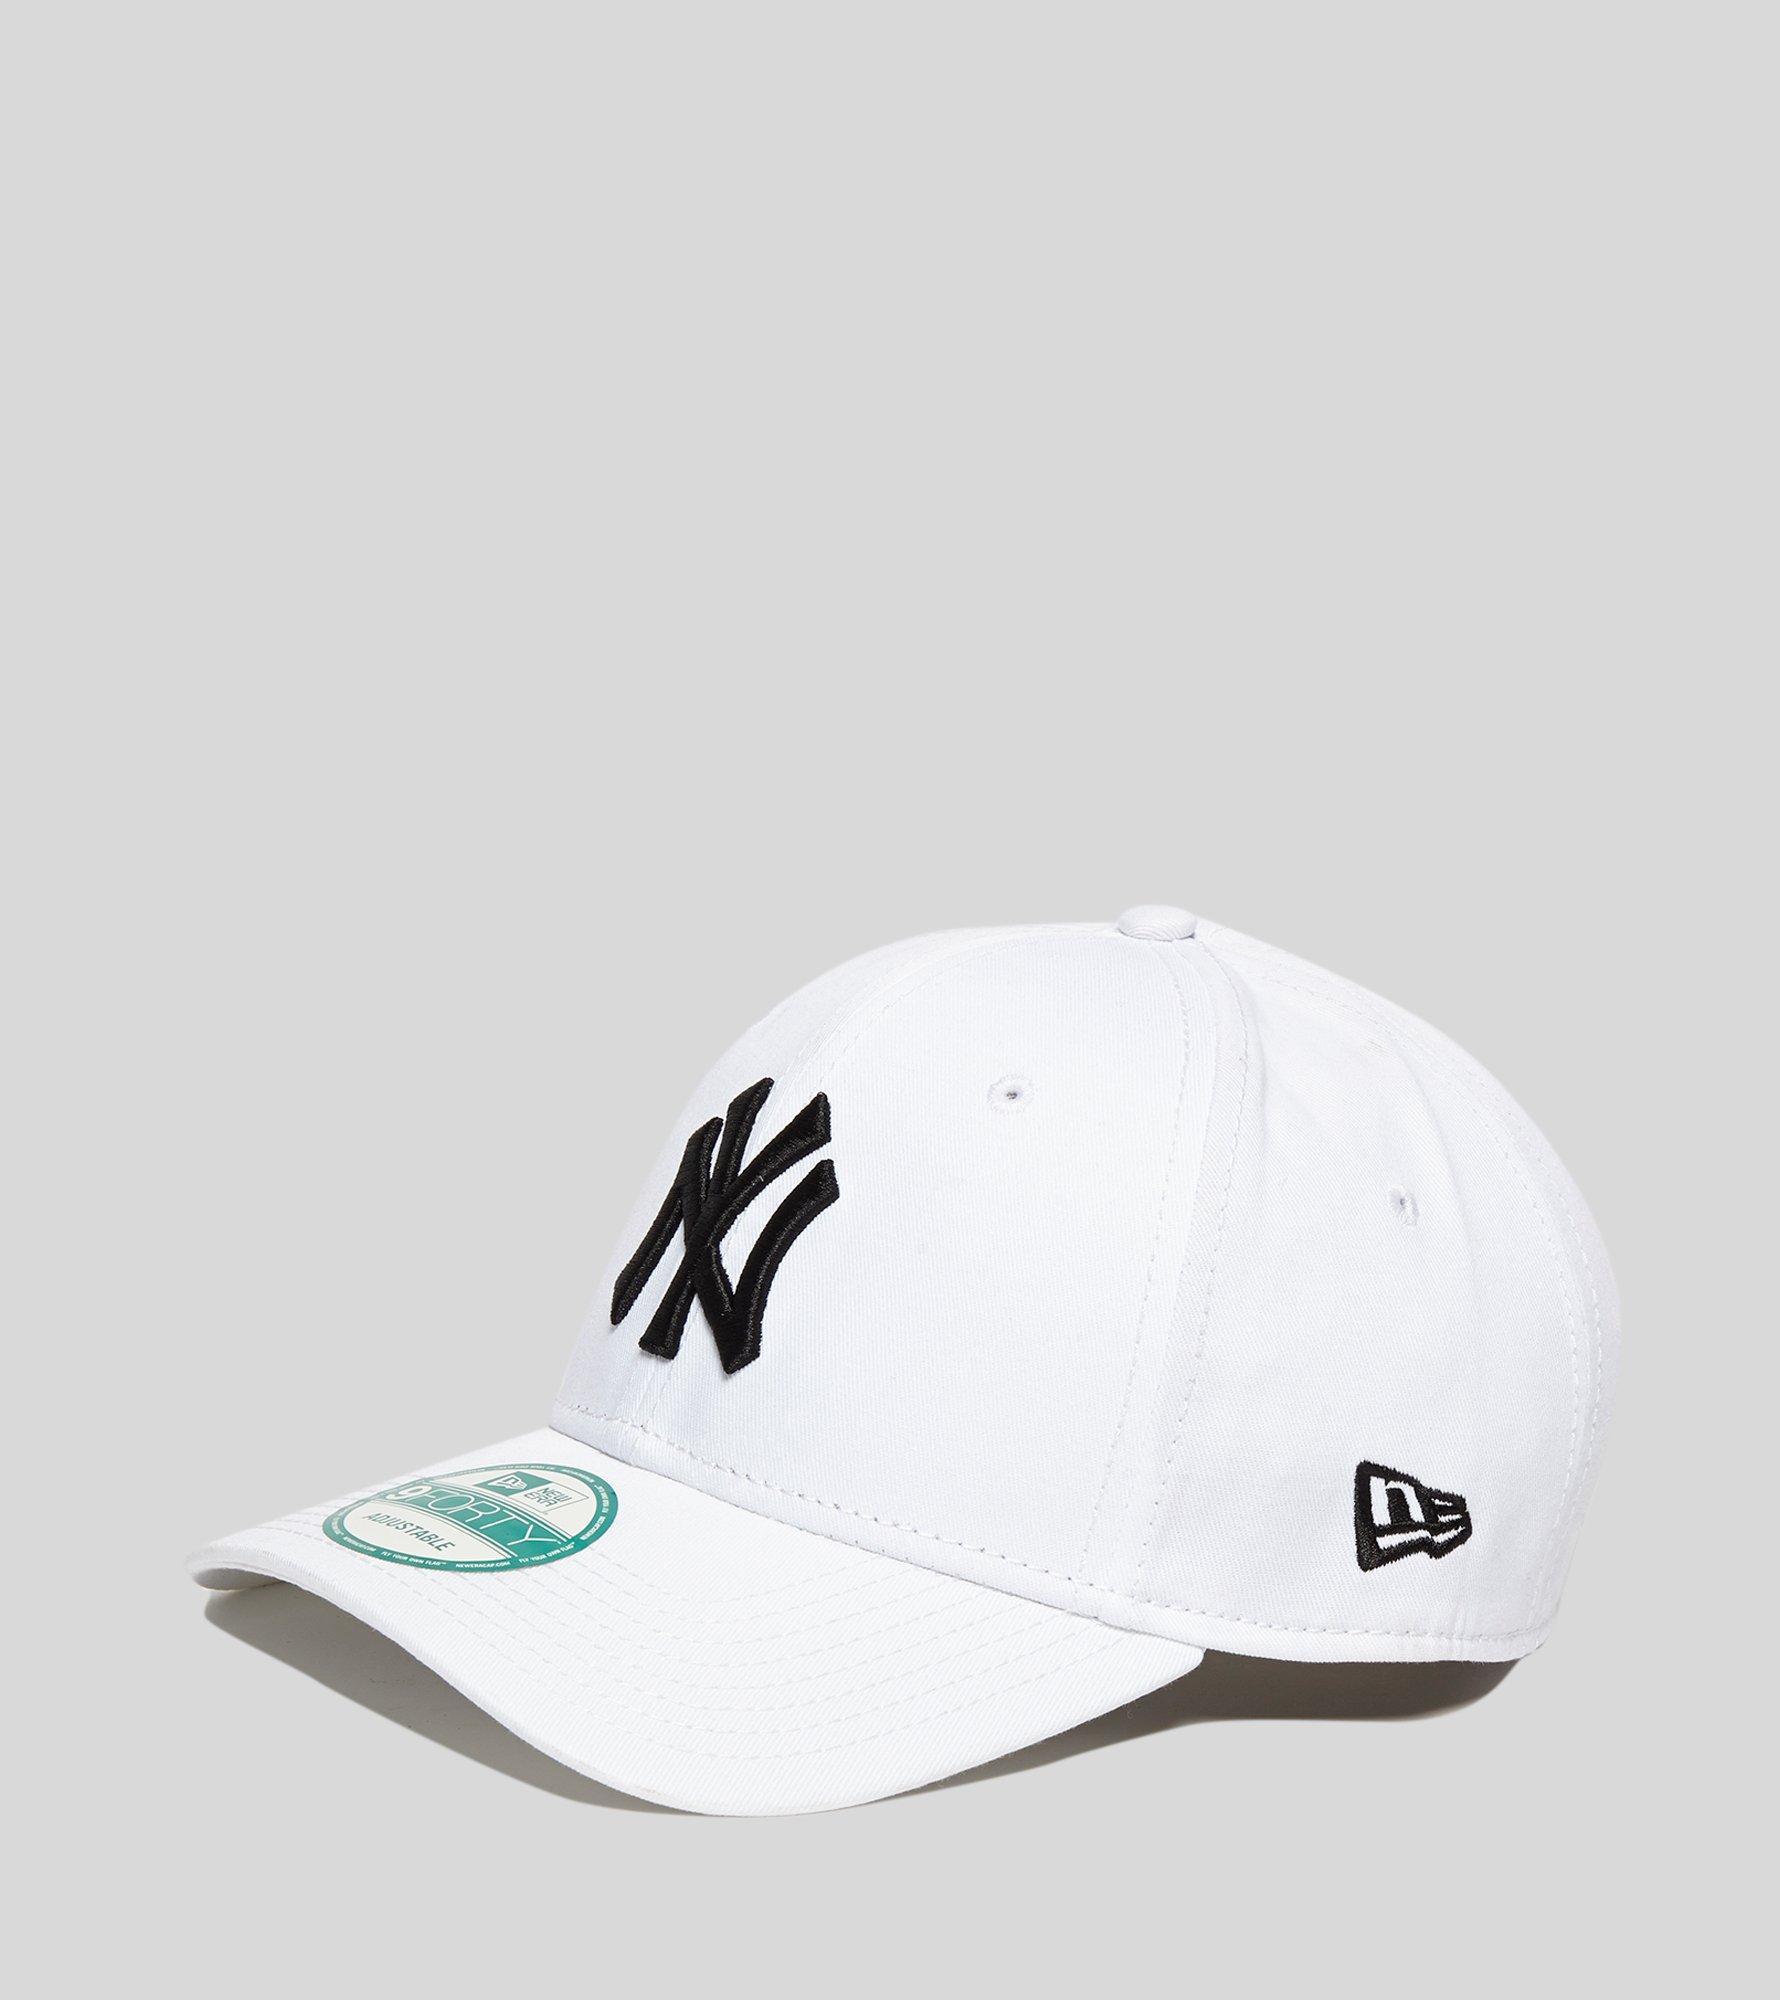 ec736b79ee4 Lyst - Ktz Mlb New York Yankees 9forty Cap in White for Men